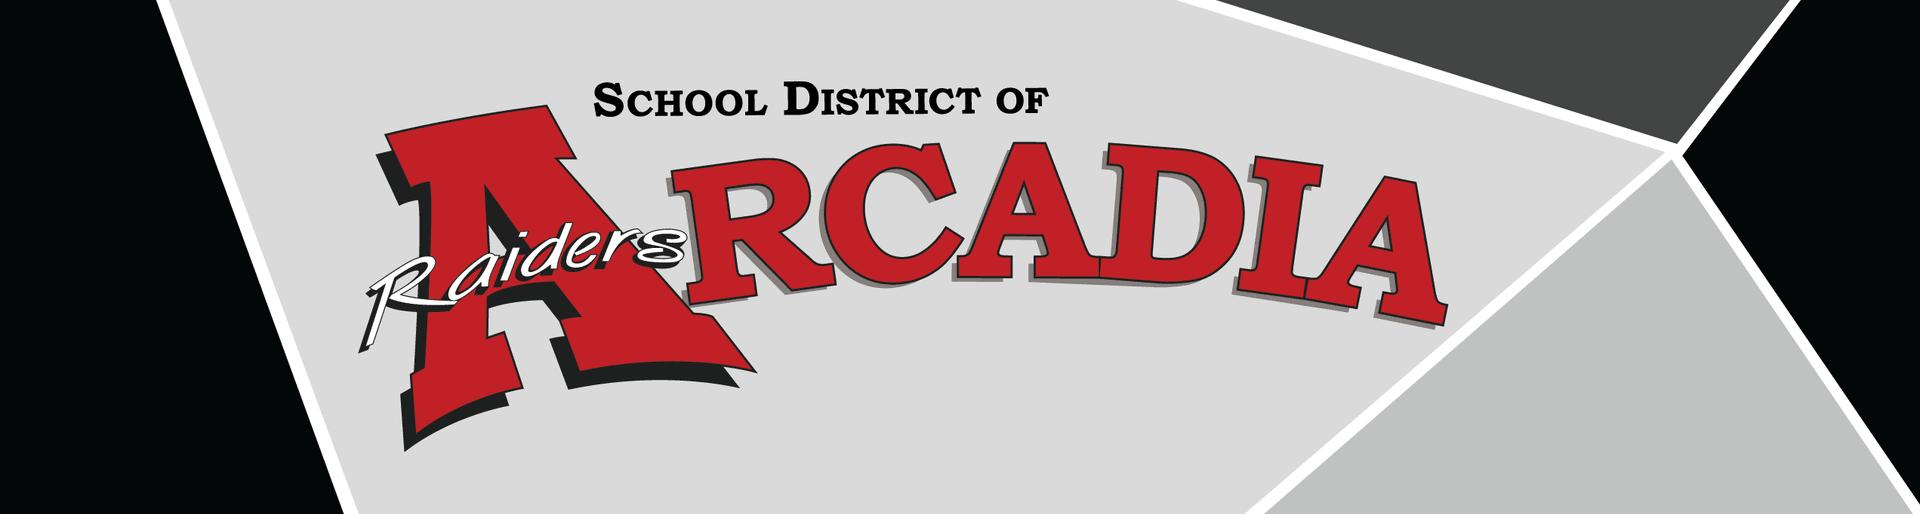 School District of Arcadia